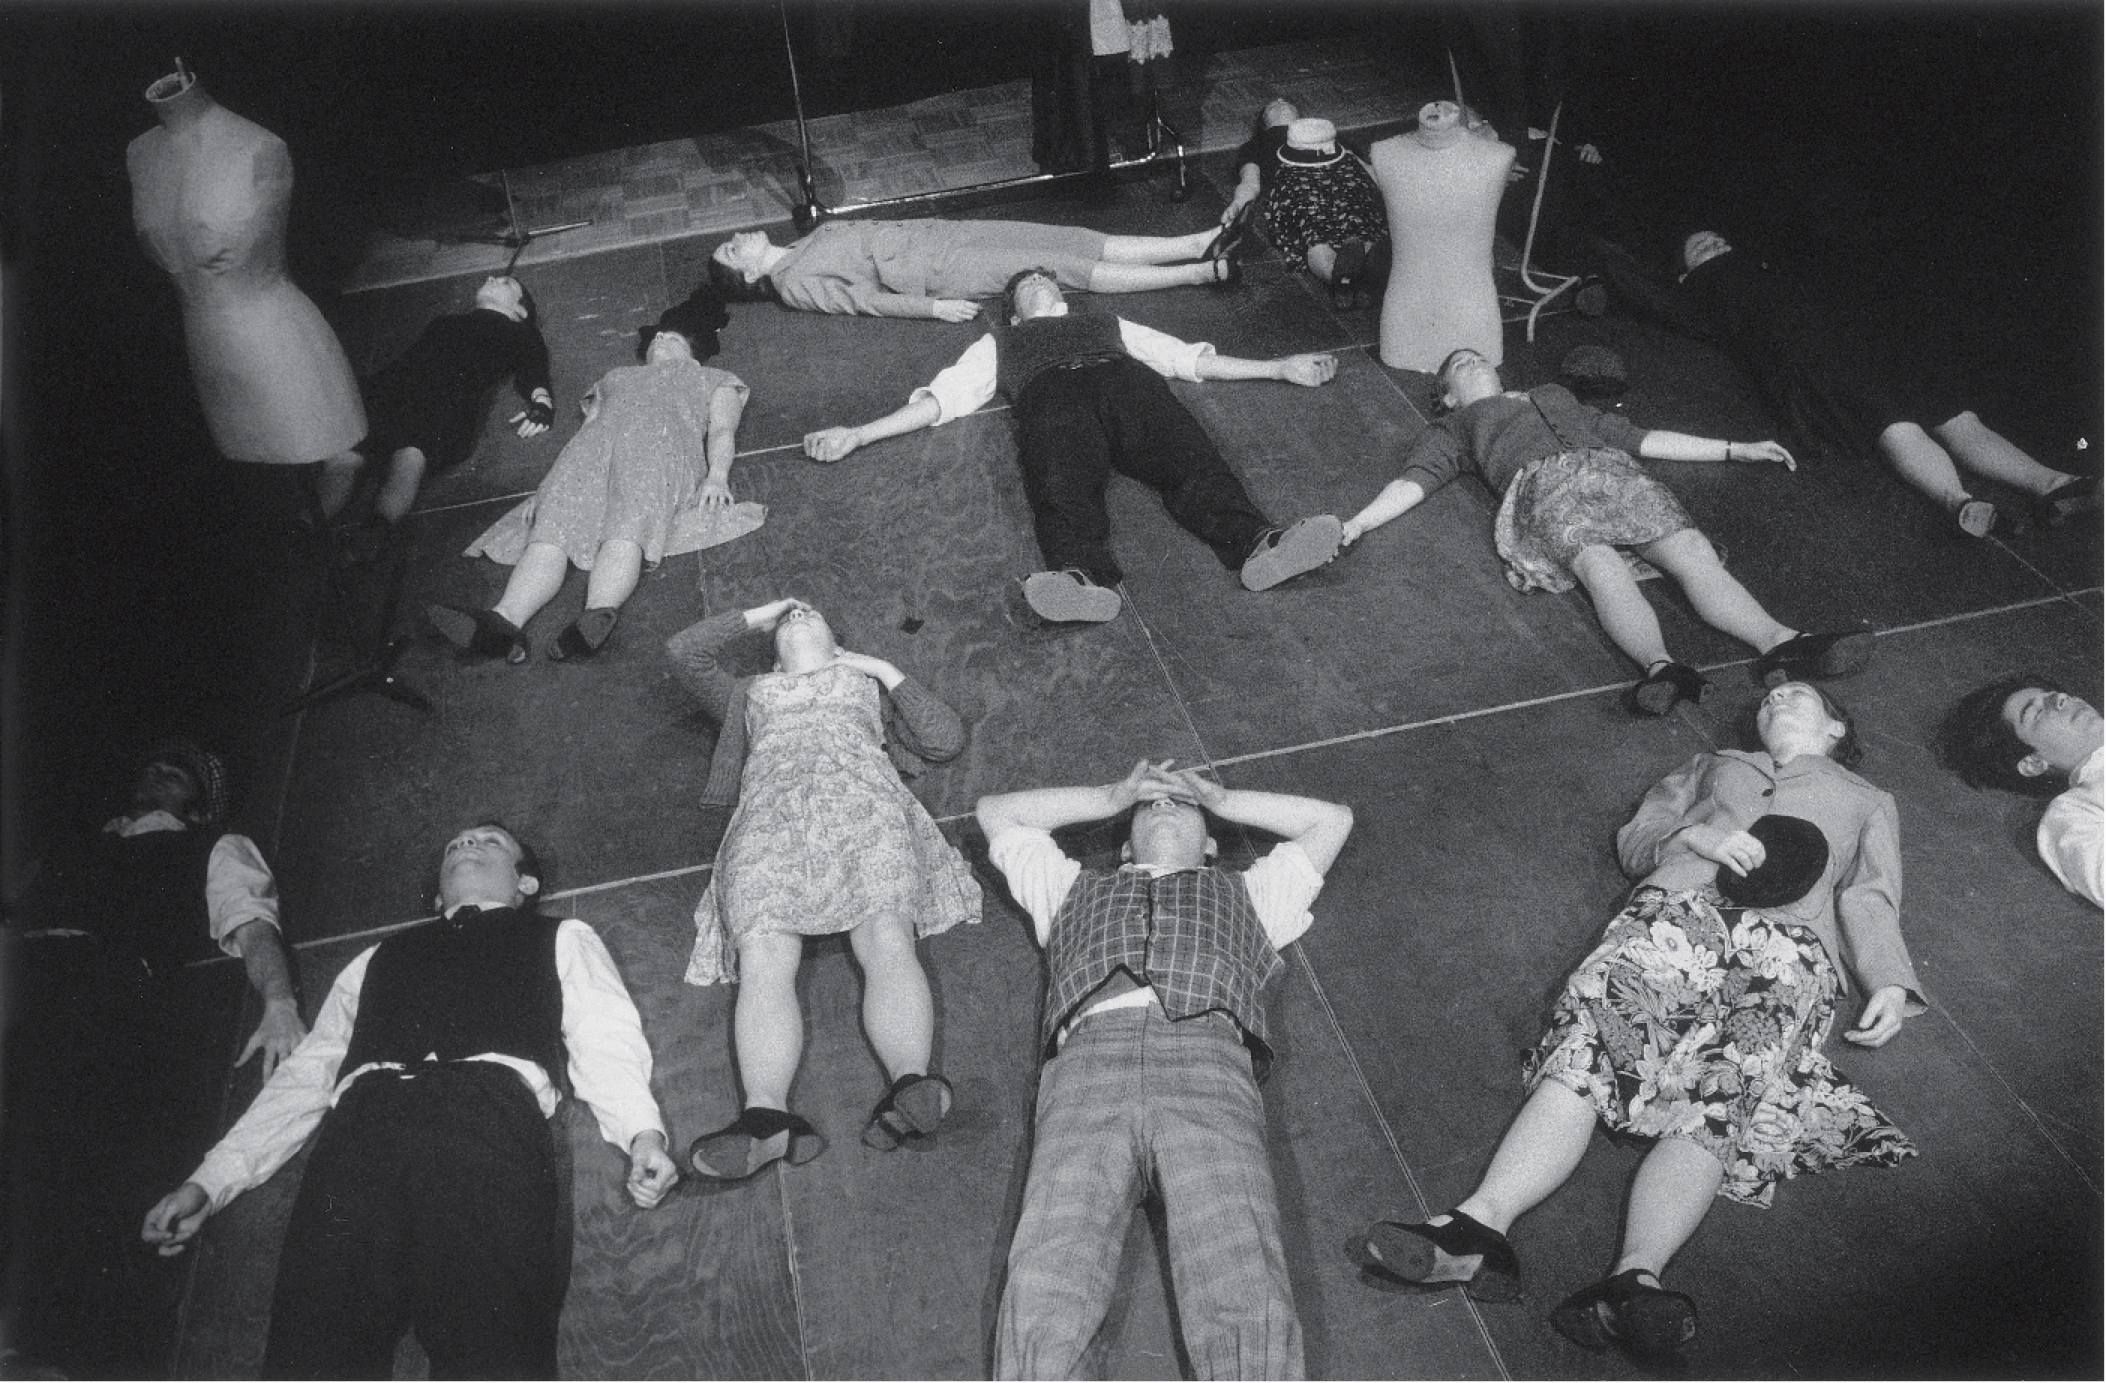 Atelier-‐théâtre avec Ève LEDIG dans le cadre du Tremplin Jeune Théâtre (mai 1996). Photographie noir et blanc, 18x24 cm. Photographe Jean-Baptiste DORNER, Archives du TJP, Strasbourg